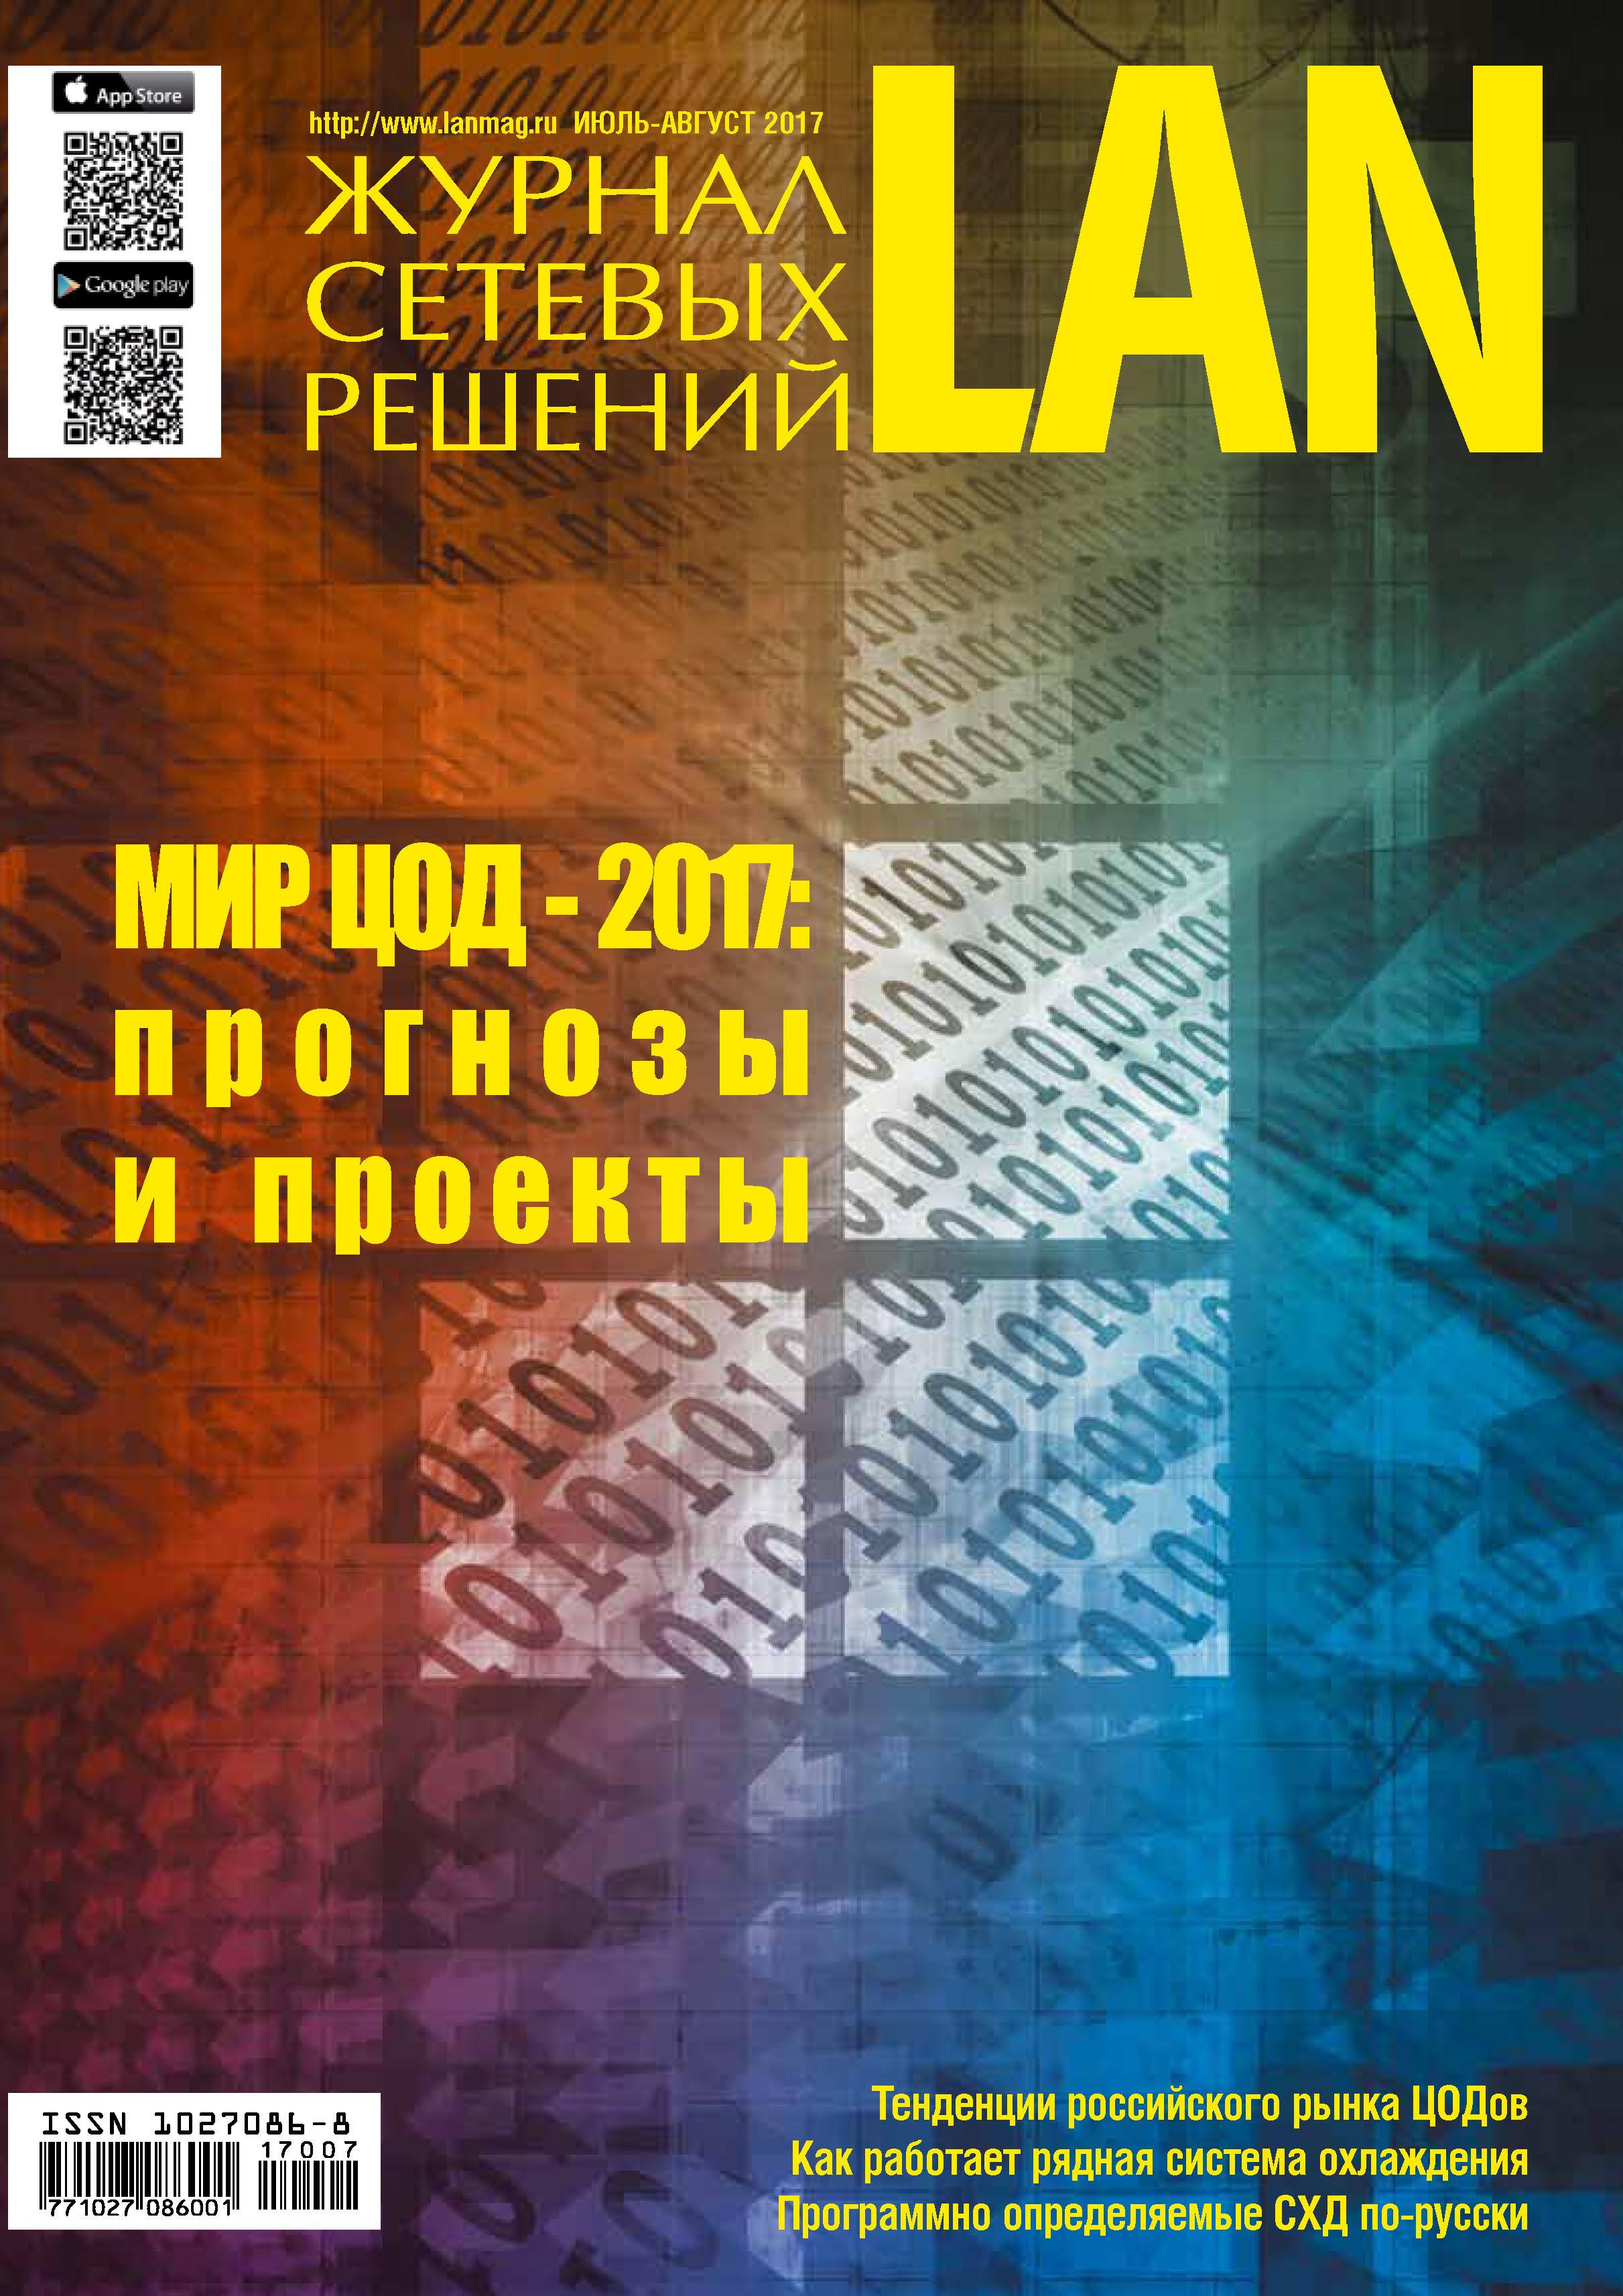 Открытые системы Журнал сетевых решений / LAN №07-08/2017 открытые системы журнал сетевых решений lan 04 2017